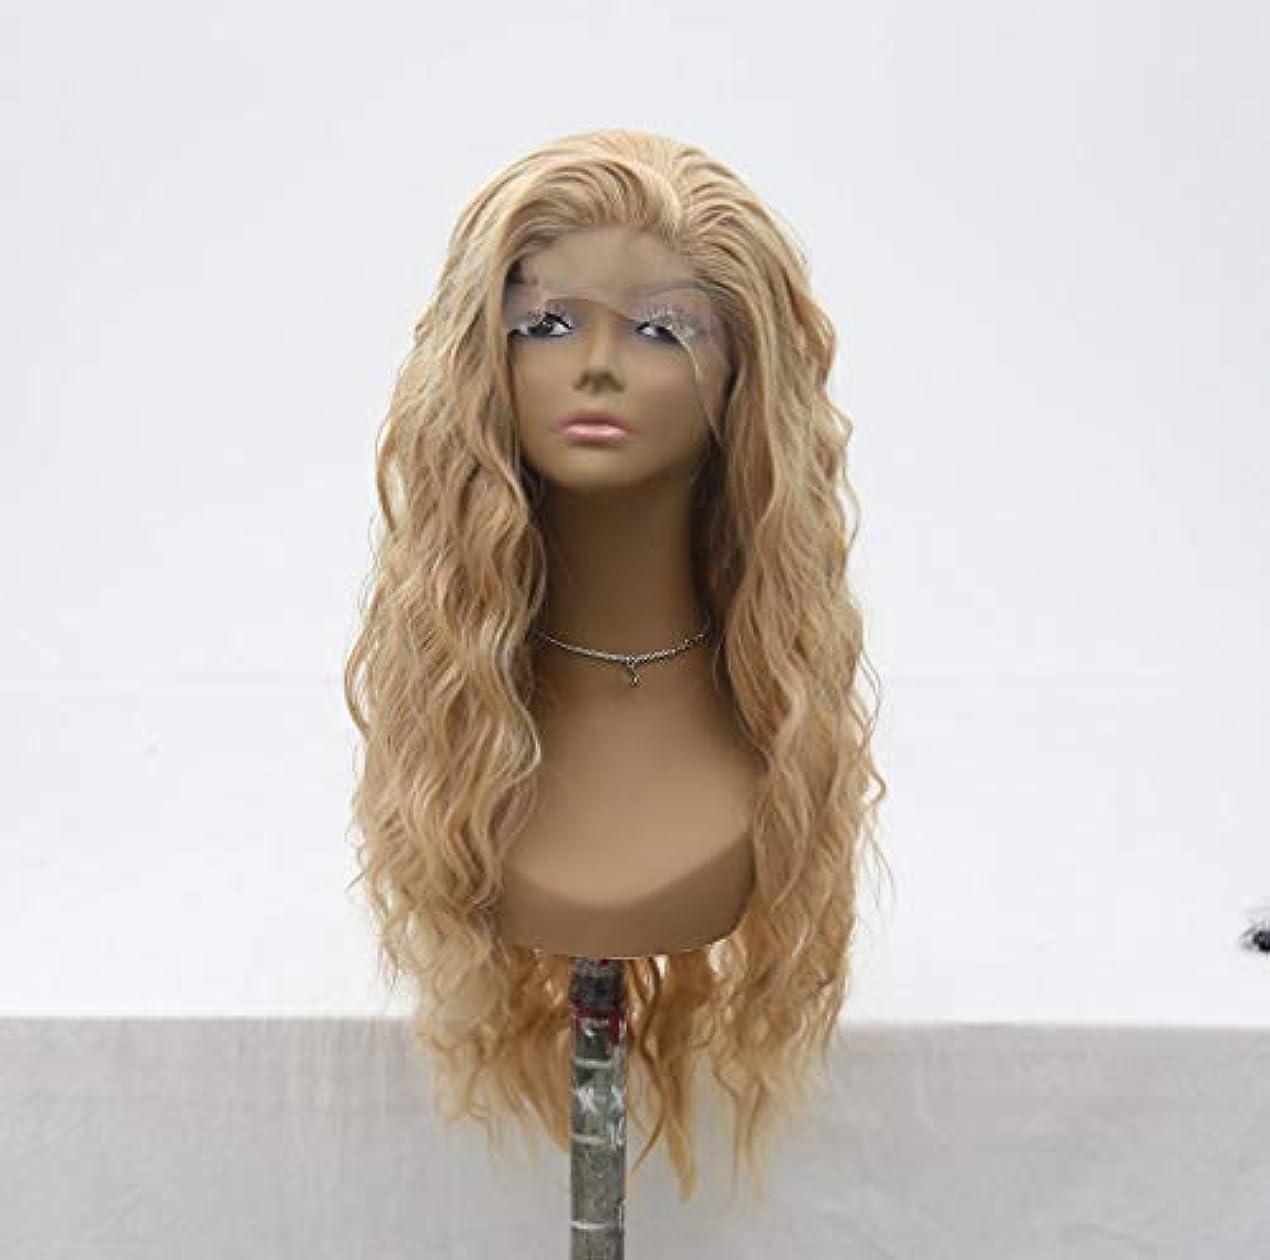 マッシュ逆説リップ女性150%密度フロントレースカーリーウィッグ人毛ブラジル耐熱合成ロングウィッグ